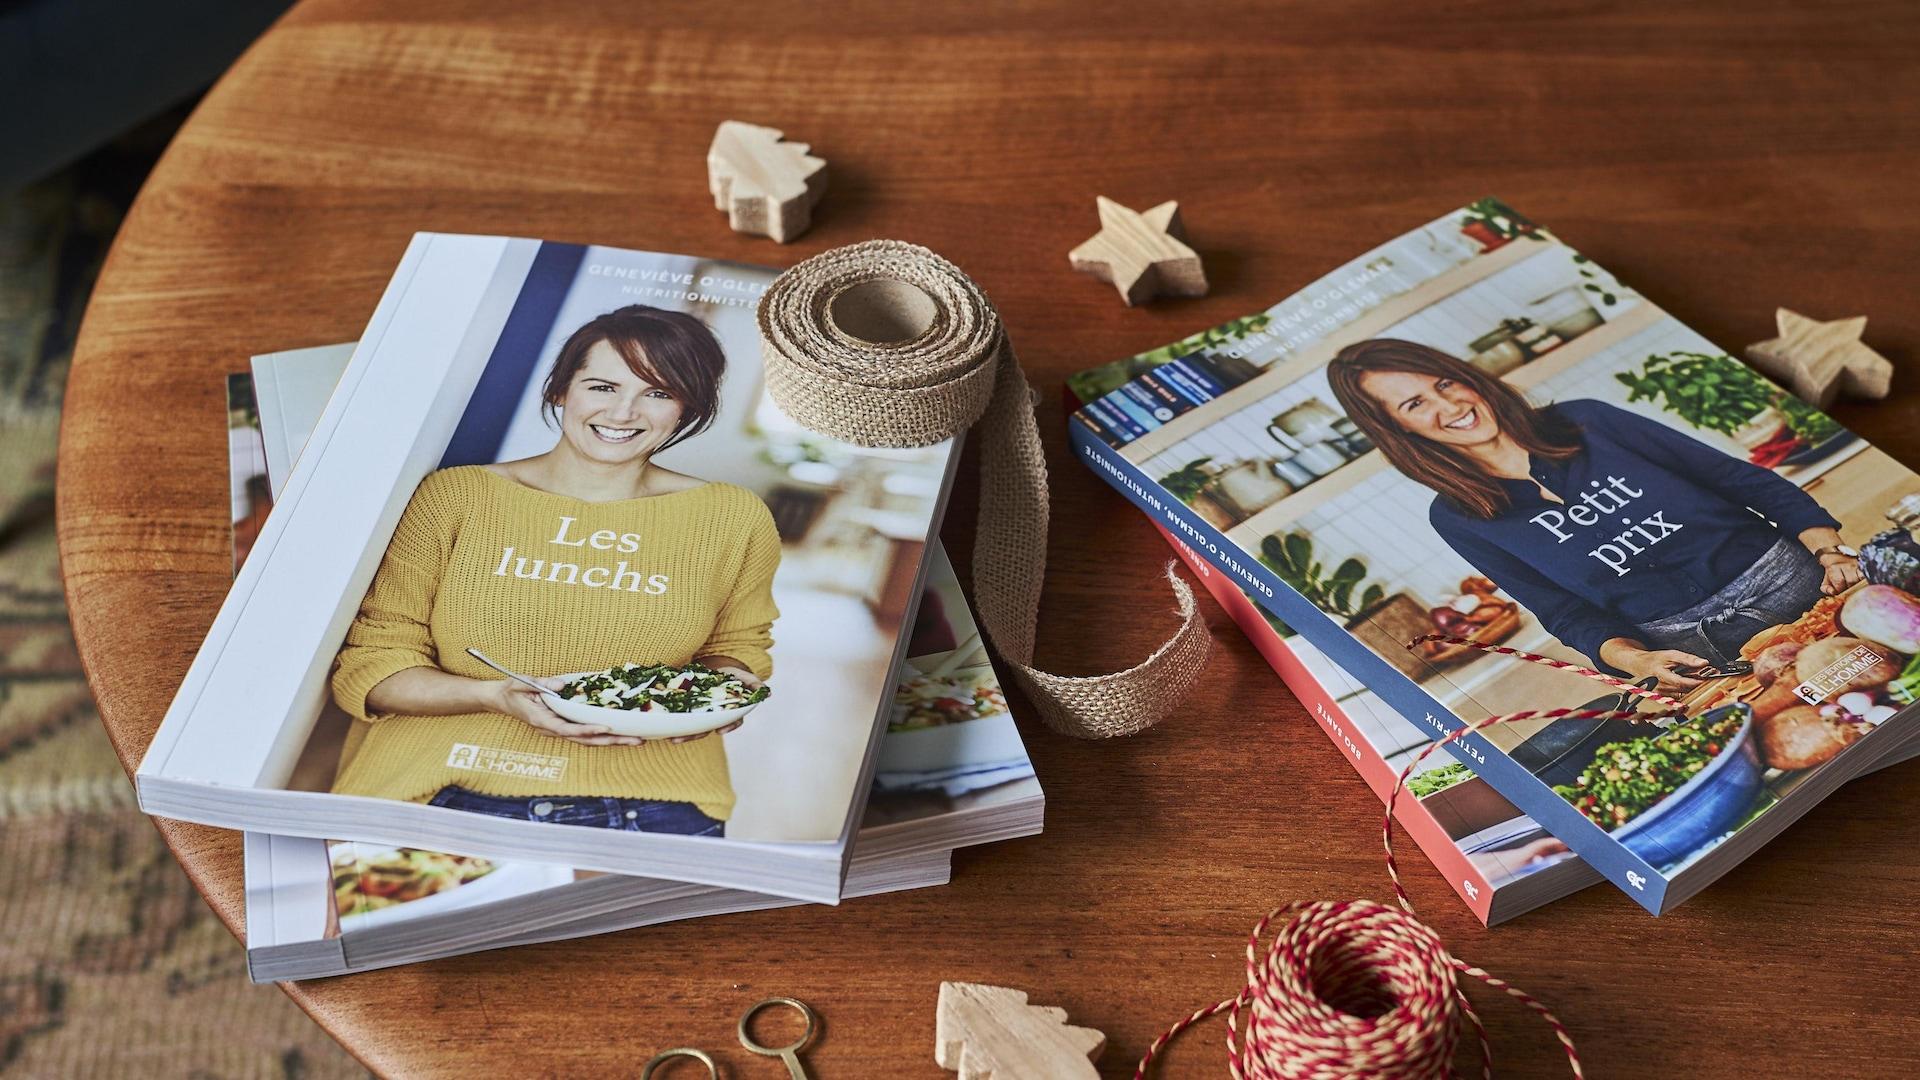 La collection de livres de recettes de la nutritionniste Geneviève O'Gleman est déposée sur une table en bois.